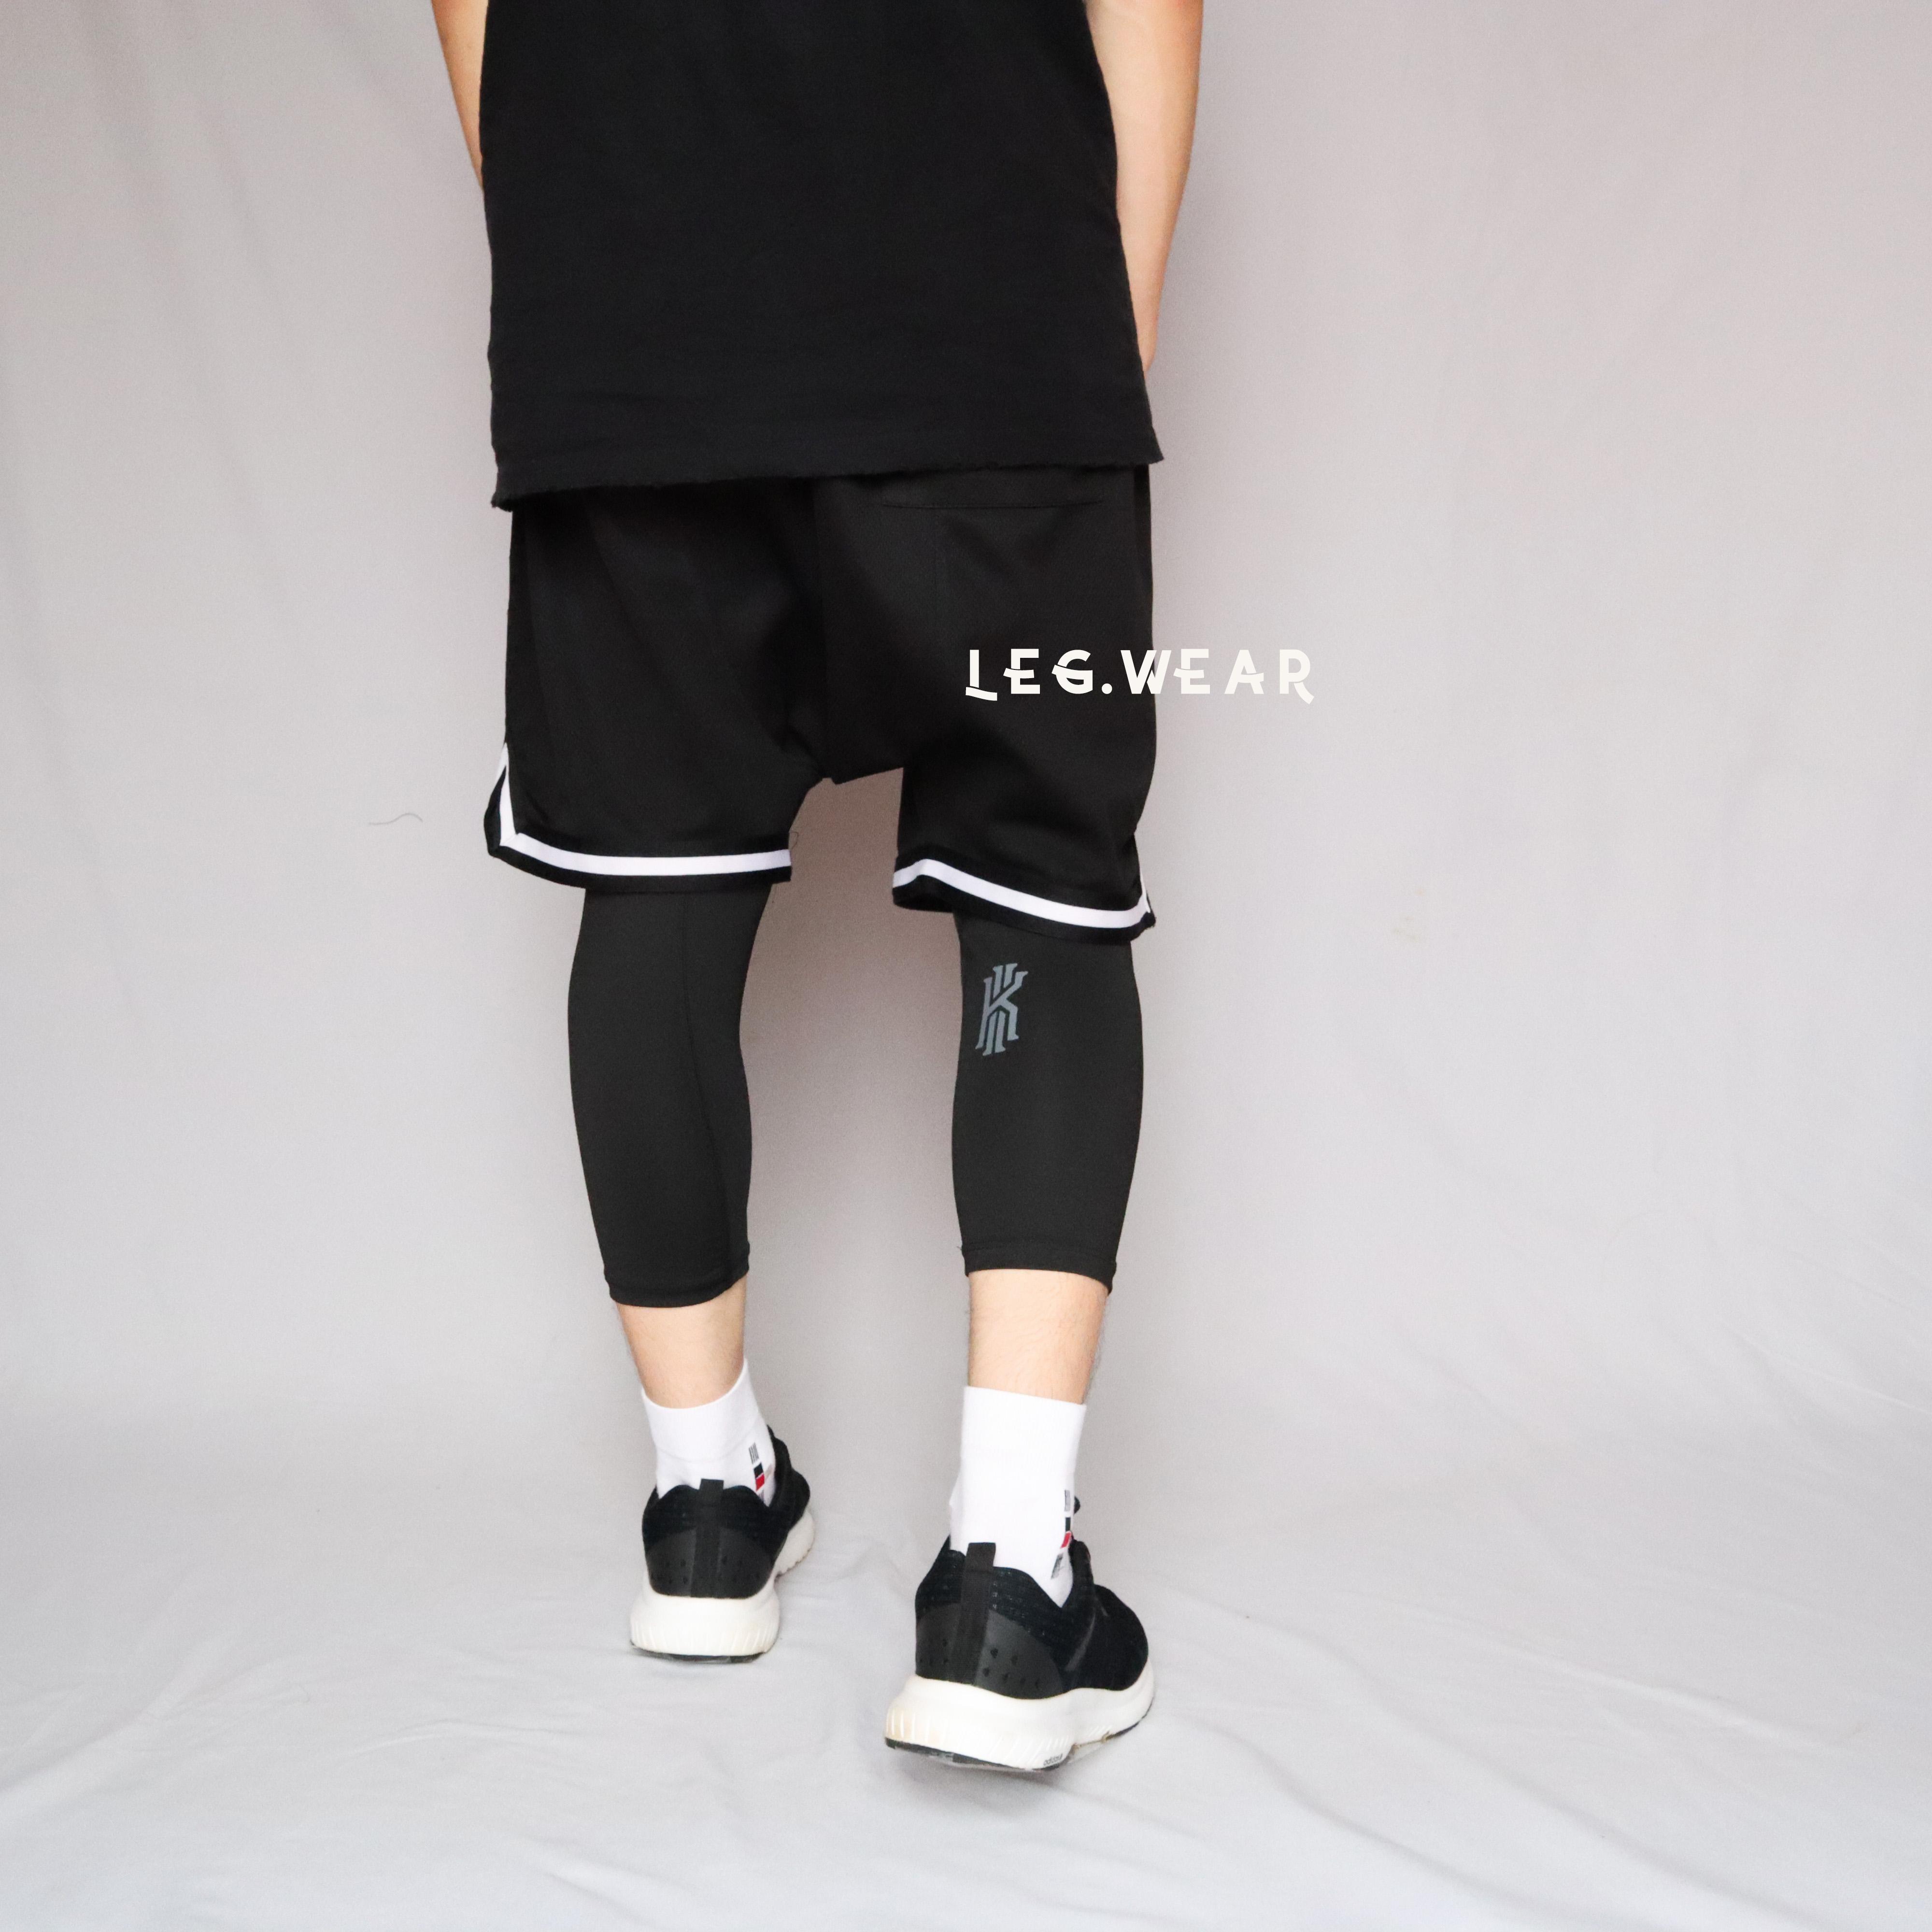 Mã Khuyến Mại Quần Legging Thể Thao-Tập Gym-Bóng Rổ Kyrie,Kobe Nam Pro Combat